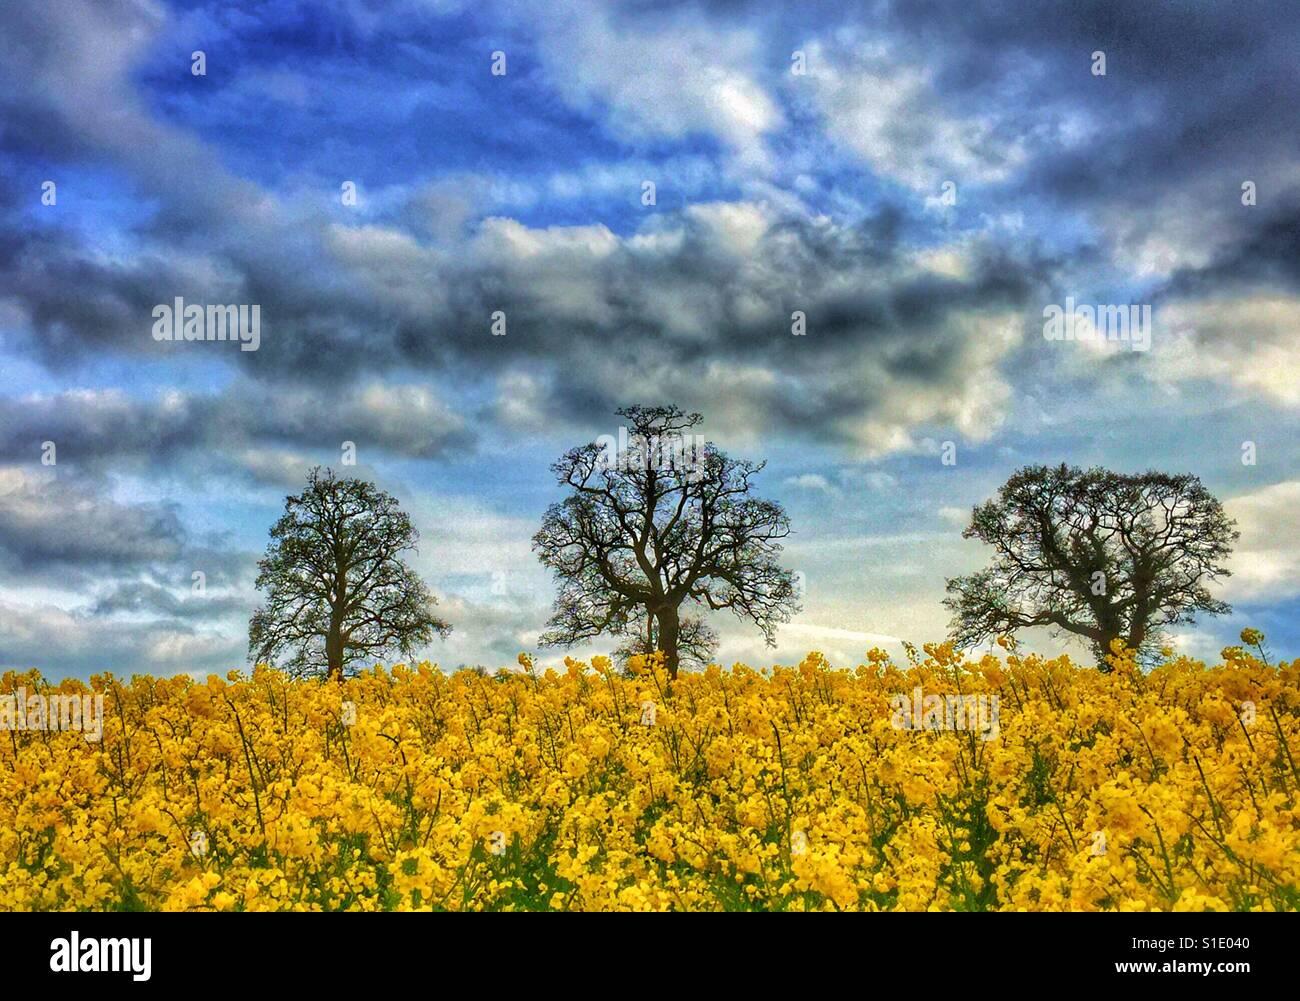 Tre alberi in un campo giallo dei fiori di semi oleosi. Il drammatico sky significa la pioggia non è lontano. Immagini Stock